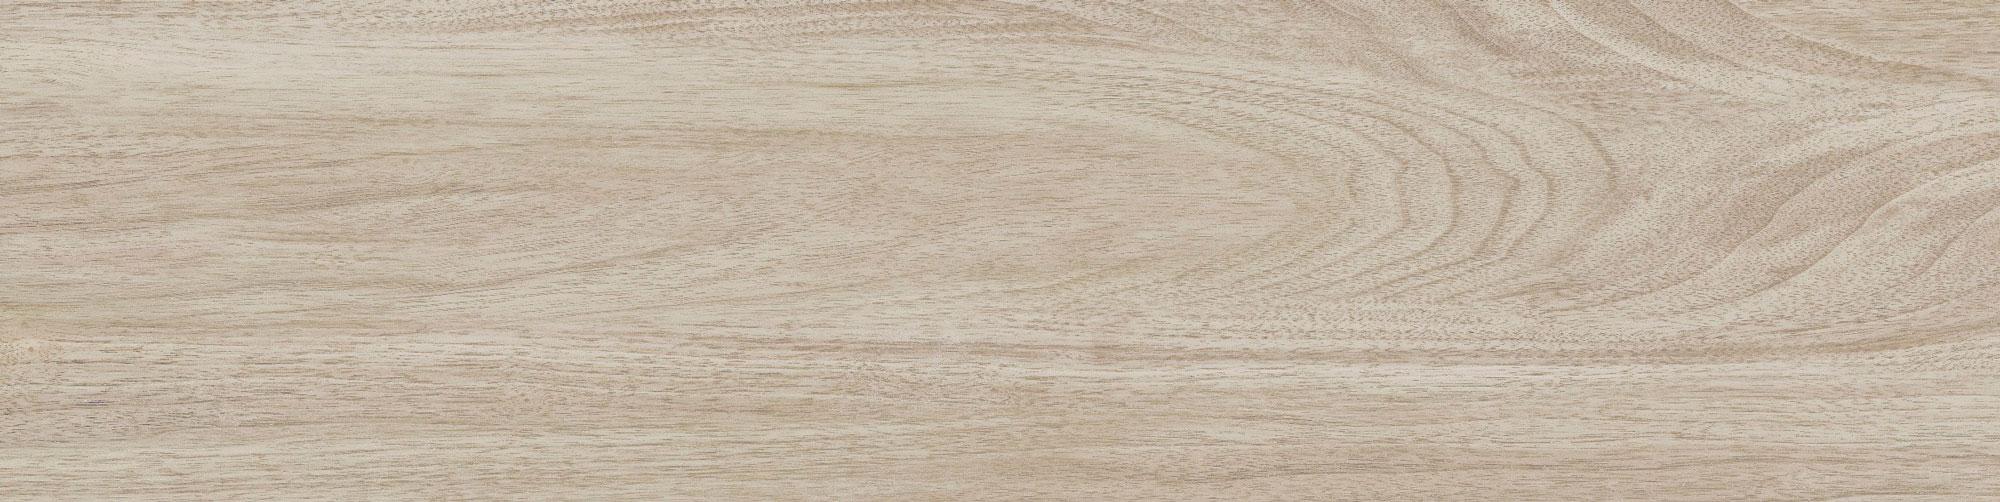 Напольная плитка Ceramika Konskie Windsor Cream 15,5x62 (1,06) ceramika konskie windsor iroko 15 5x62